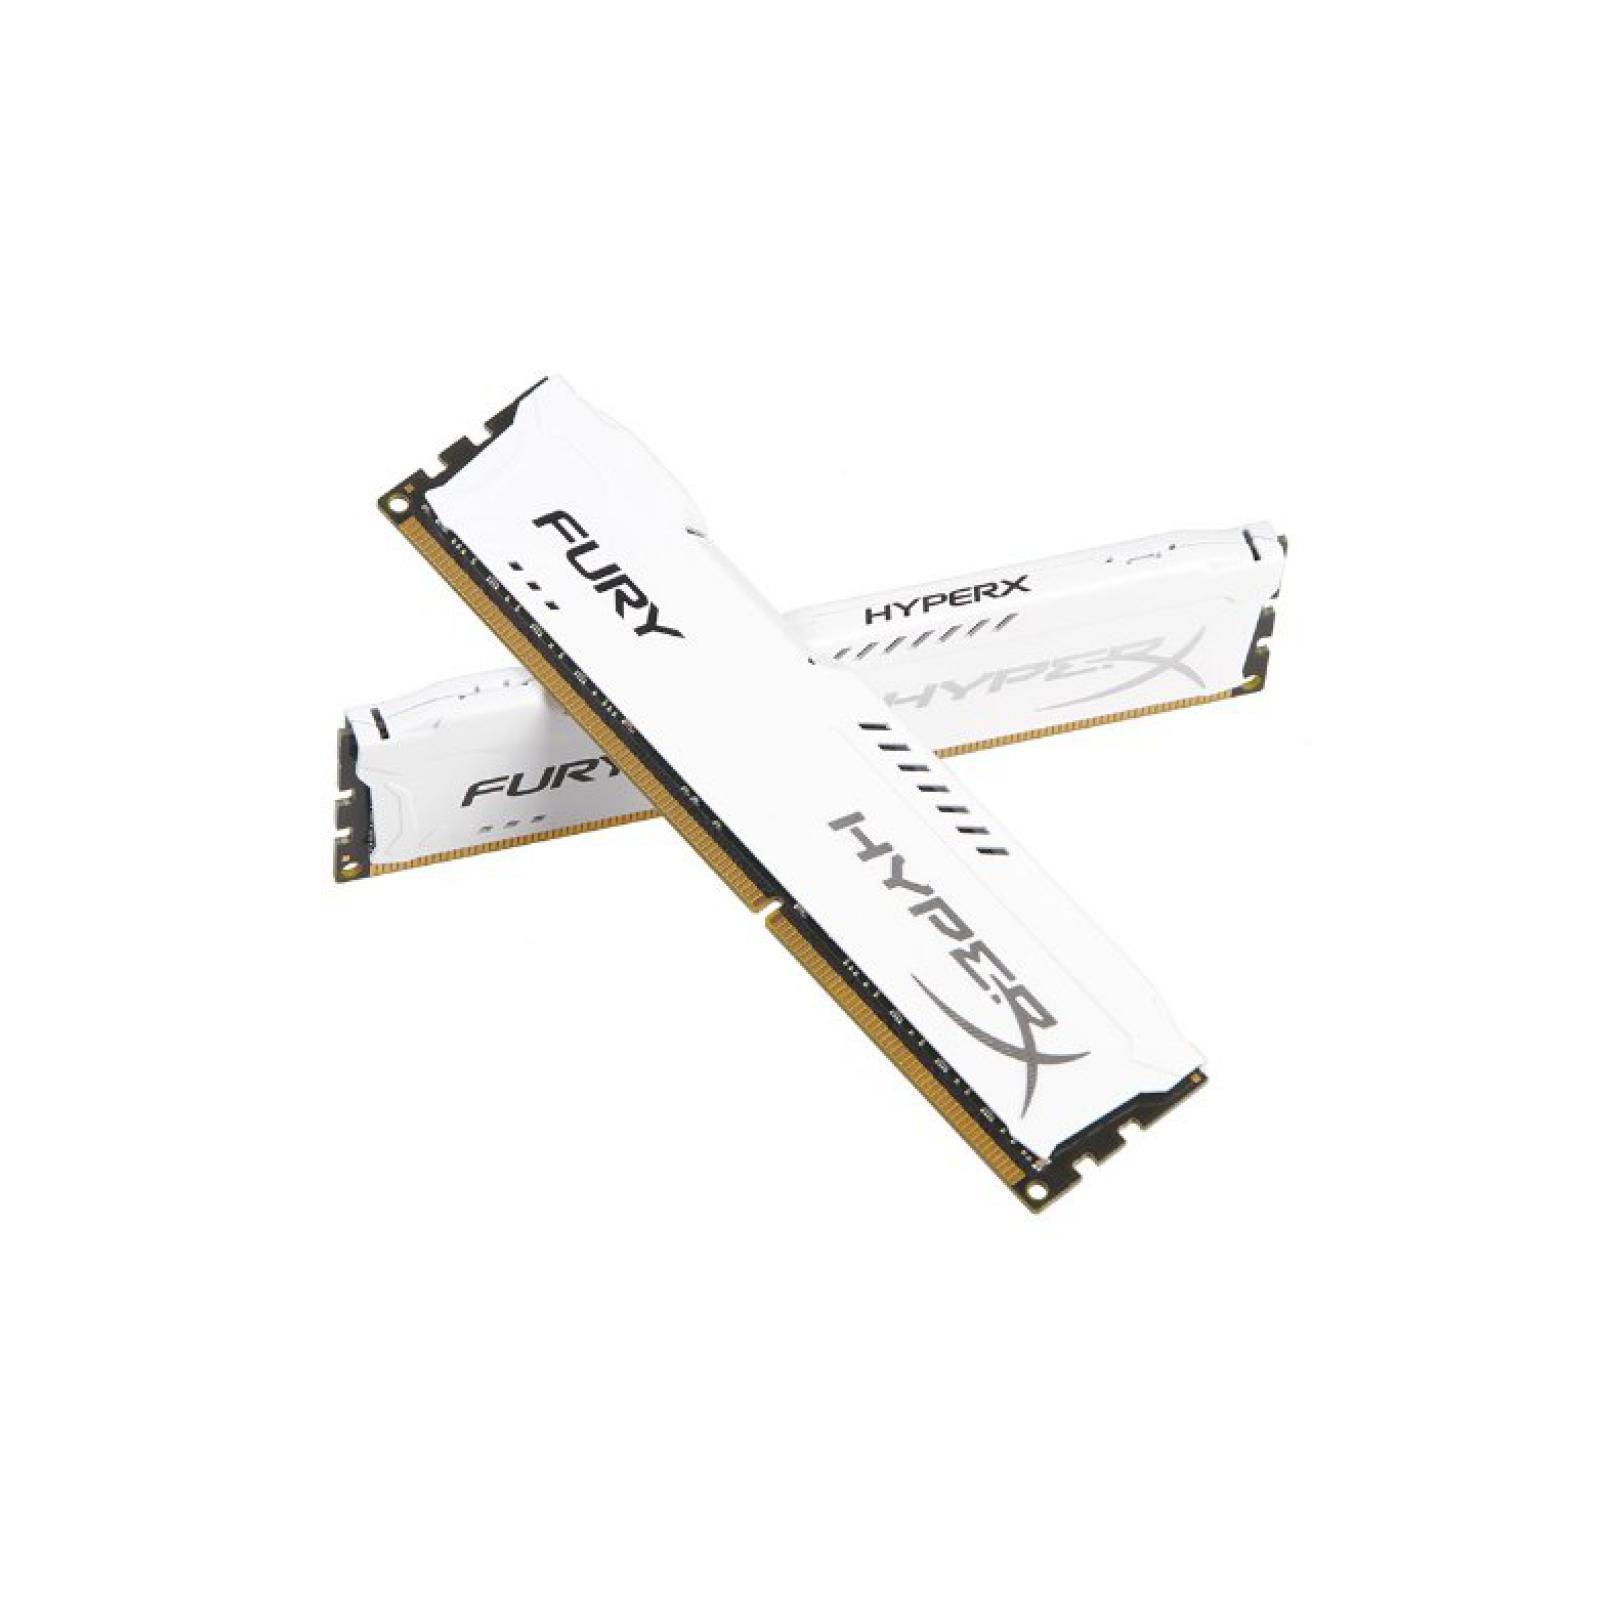 Модуль памяти для компьютера DDR4 32GB (2x16GB) 2933 MHz HyperX FURY White HyperX (Kingston Fury) (HX429C17FWK2/32) изображение 3